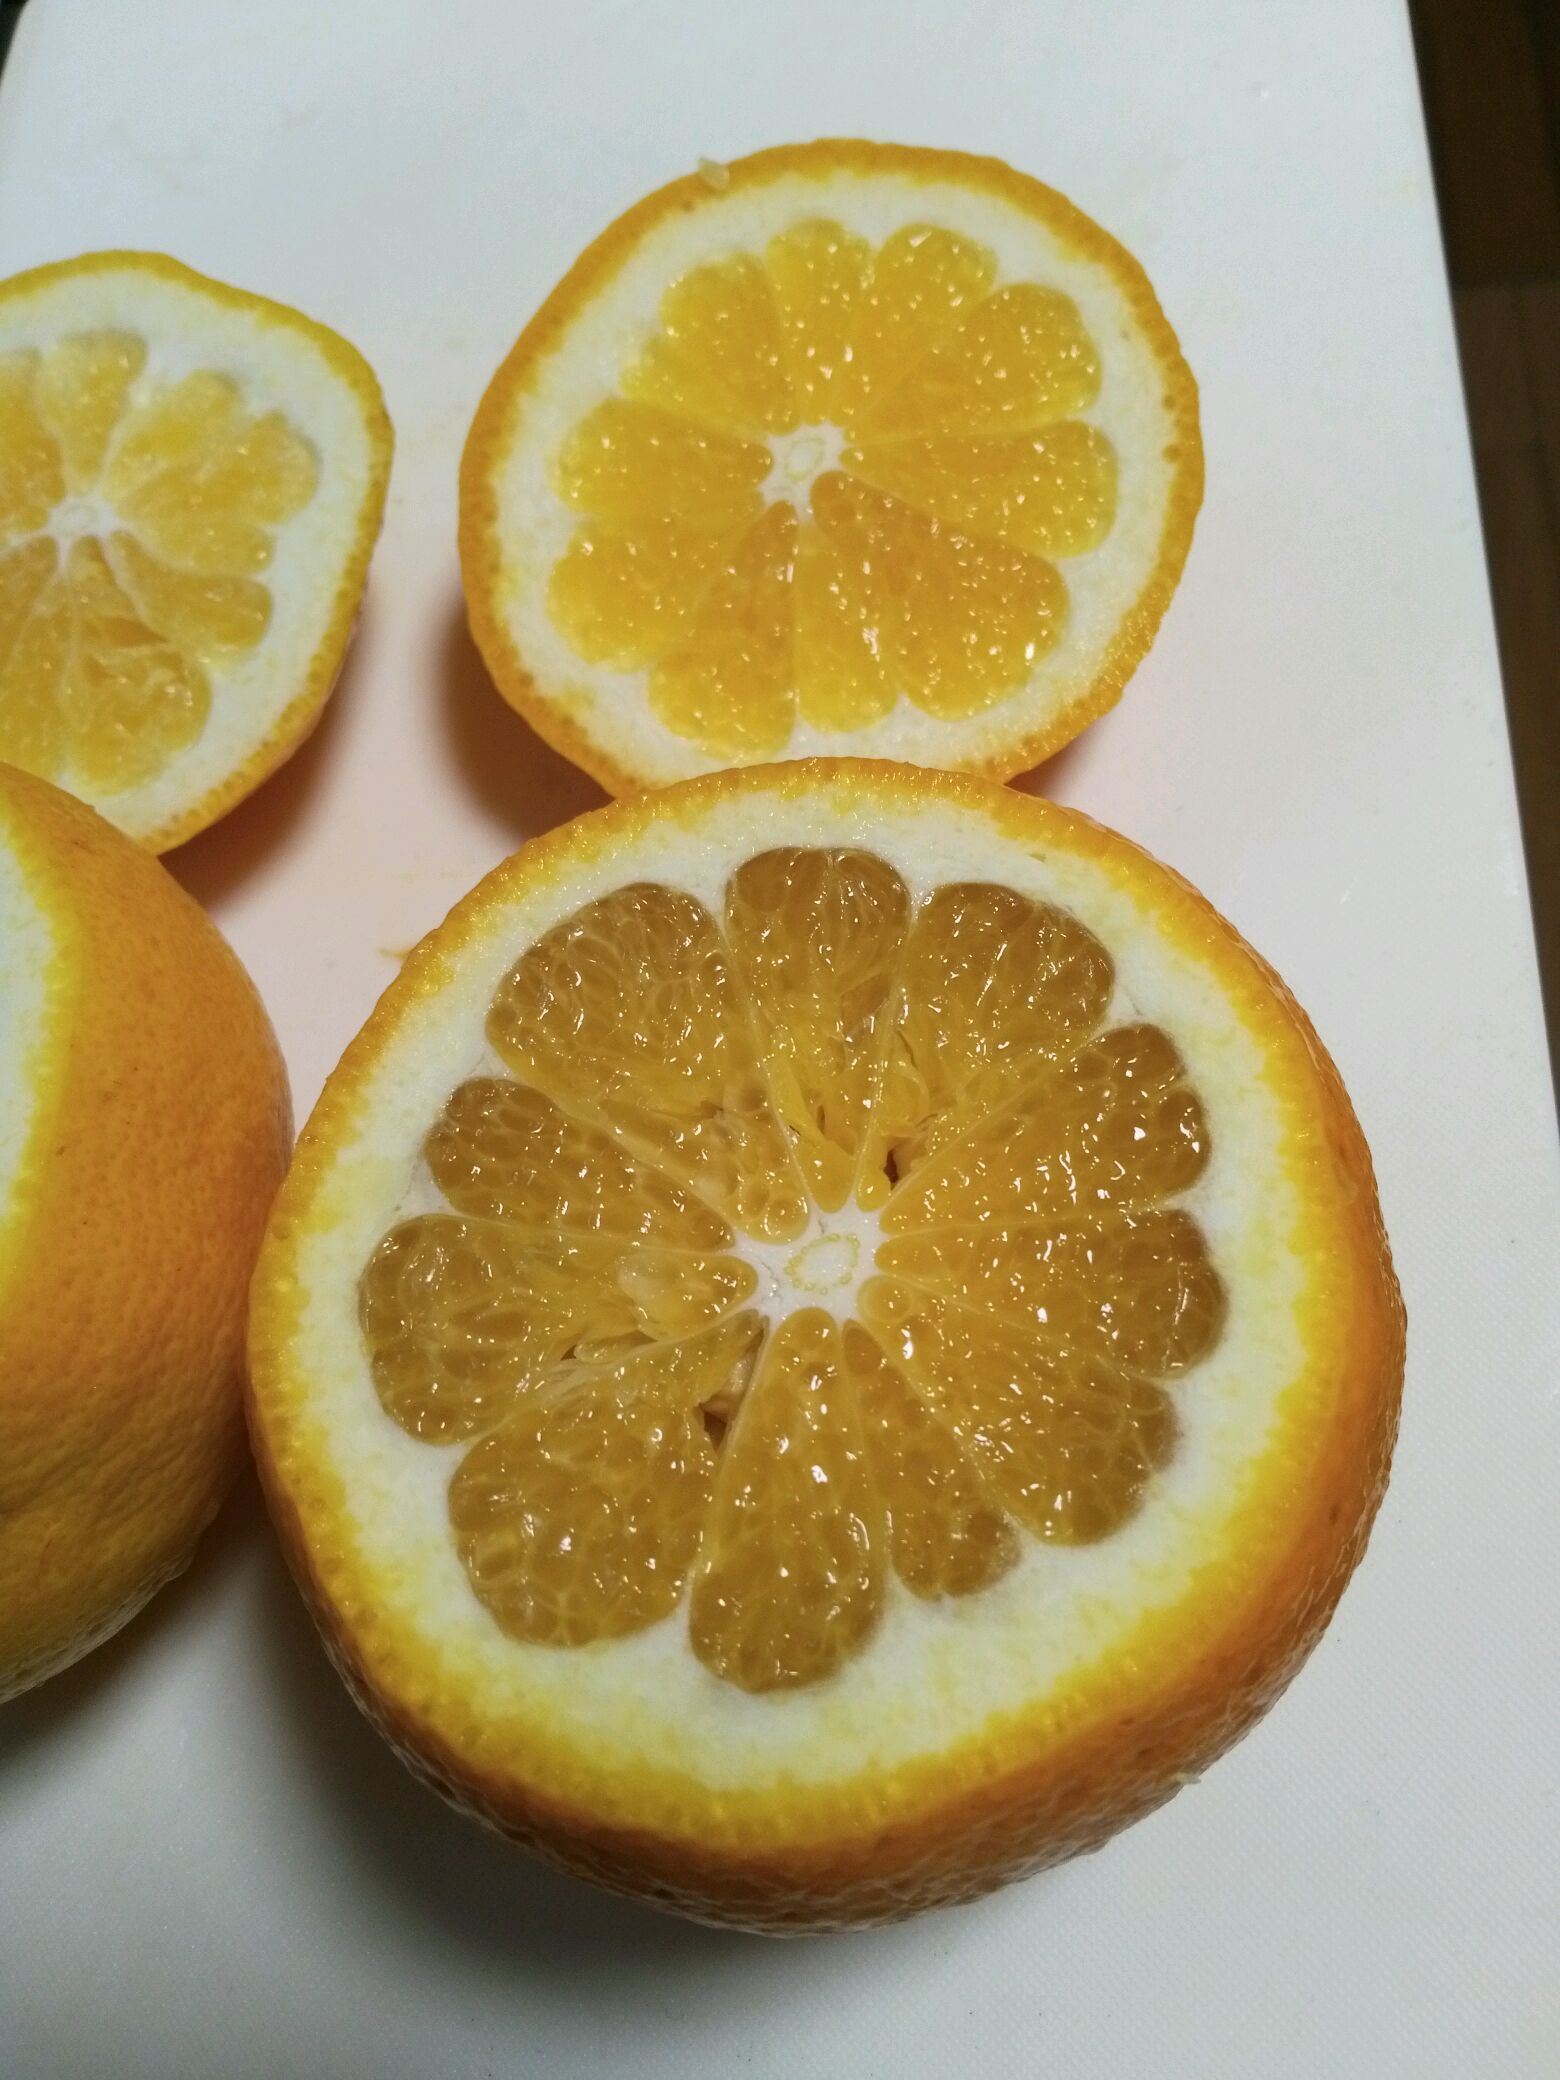 甘夏橘子果冻的做法步骤